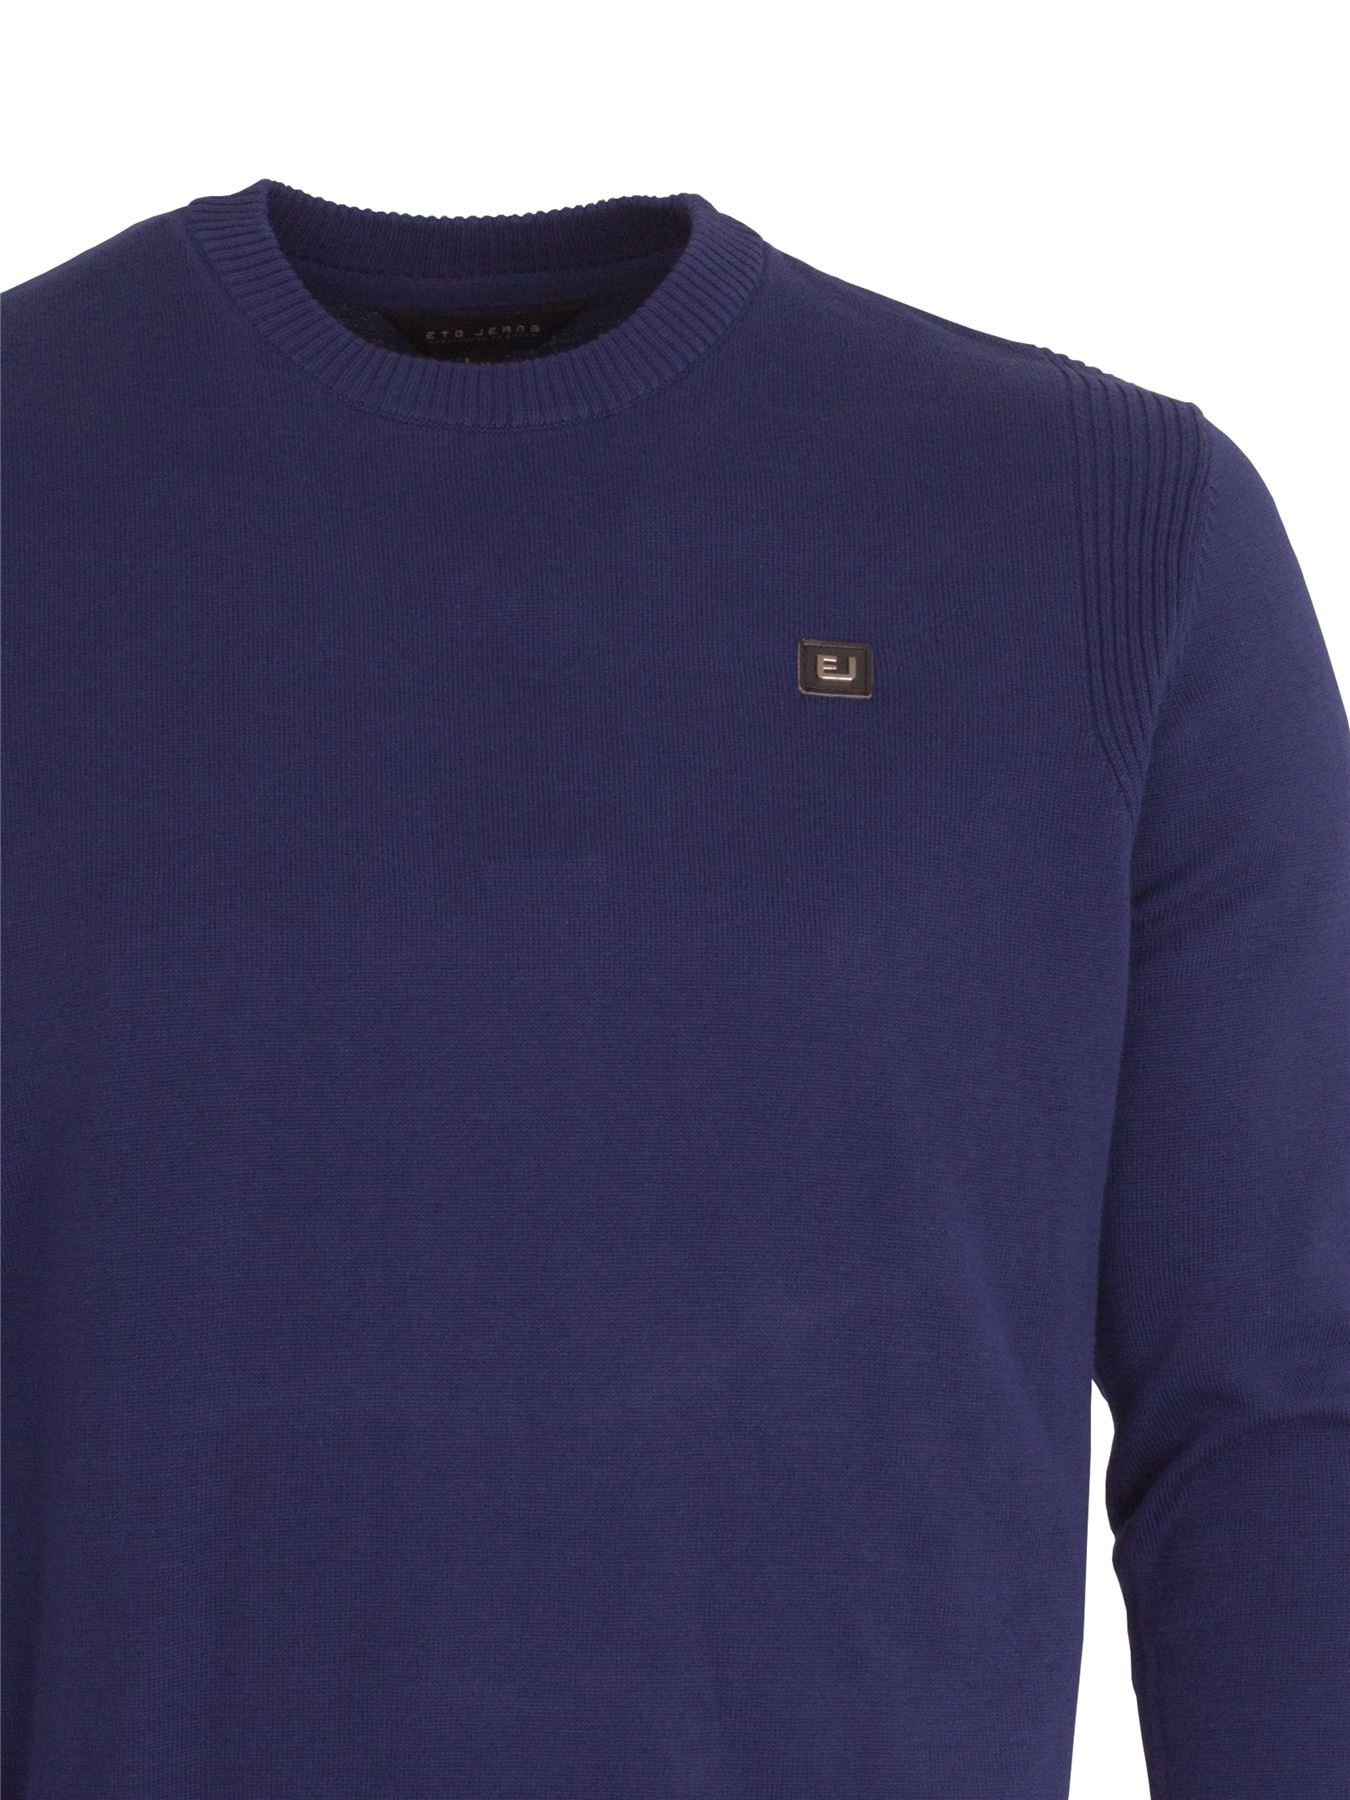 Eto-Para-Hombre-Disenador-Polo-Knitted-Jumper-cuello-redondo-generos-de-punto-manga-larga-Sueter miniatura 7